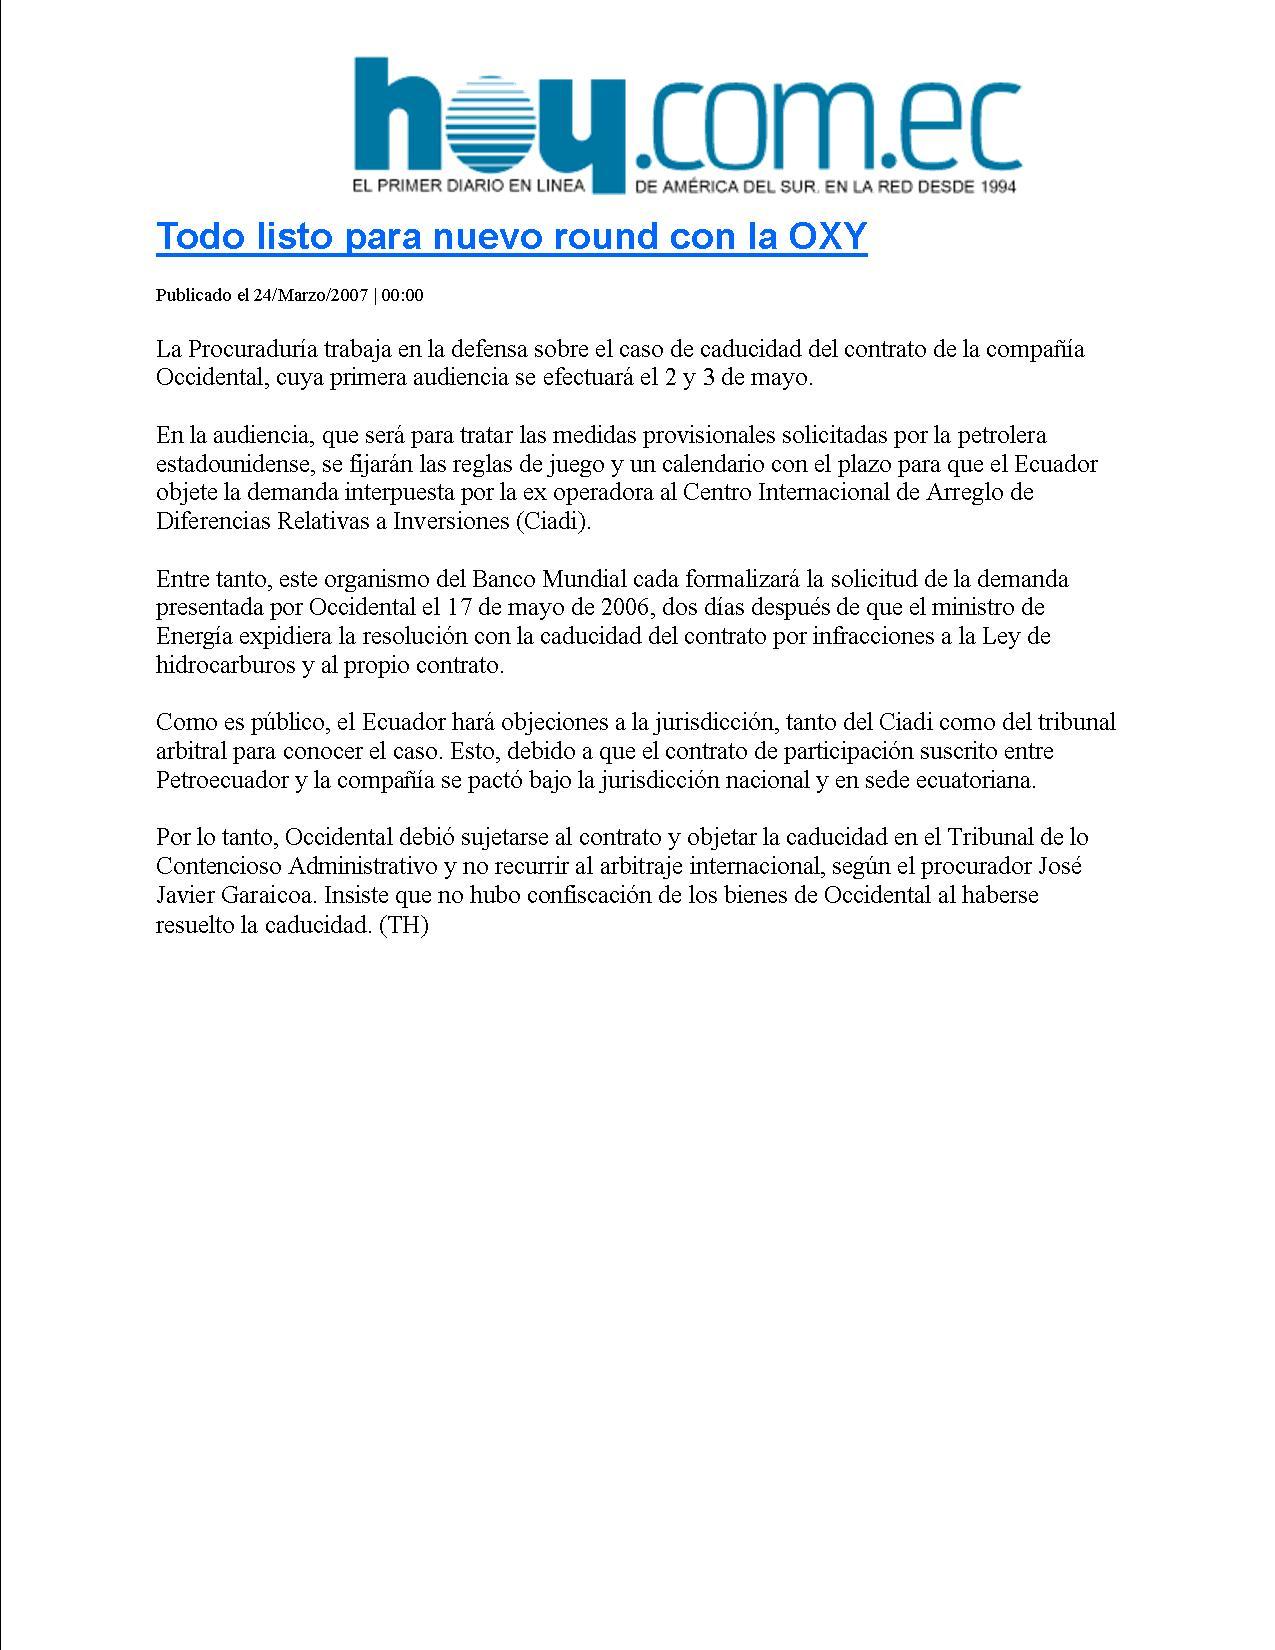 15-HOY 24-03-2007 Todo listo para nuevo round con la OXY